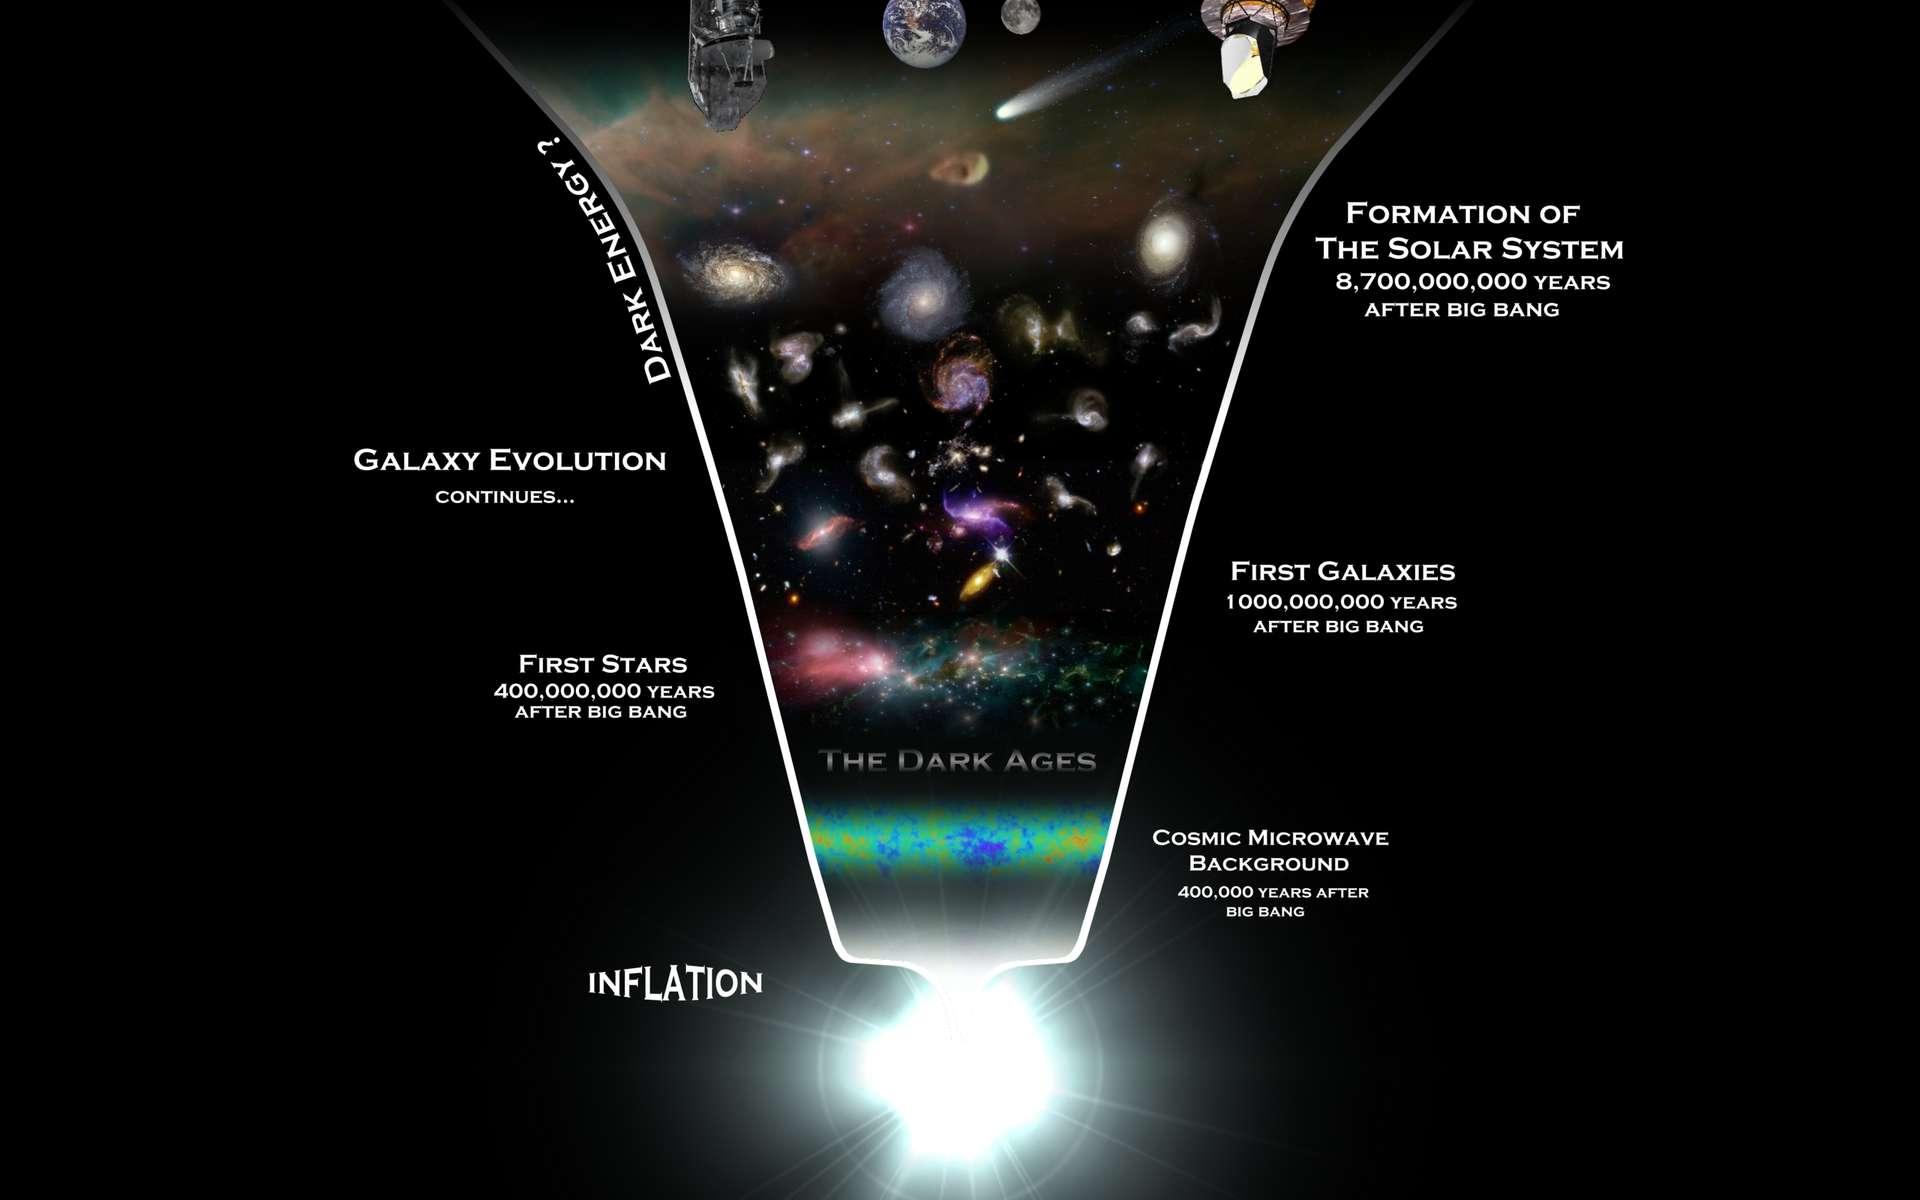 Juste après le Big Bang, entre une période s'étendant de 10-43 à 10-35 seconde après un hypothétique temps zéro de l'univers observable, on a de bonnes raisons de penser que l'expansion de l'univers a subi une très forte, mais transitoire, accélération. Cette brève période de temps s'appelle l'inflation et elle serait une conséquence d'une nouvelle physique, comme celle de la gravitation quantique ou des théories de GUT. Très fortement dilaté, l'univers observable aurait continué son expansion mais en gardant dans le rayonnement fossile la mémoire de cette phase d'inflation. Quatre cents millions d'années plus tard environ, les premières étoiles (first stars) se formaient et un milliard d'années après ce temps zéro, les premières galaxies (first galaxies) étaient déjà bien présentes, parfois de grandes tailles et riches en éléments lourds. Des milliards d'années plus tard, l'expansion de l'univers accéléra à nouveau sous l'effet de l'énergie noire (dark energy) et le Système solaire se forma 8,7 milliards d'années (formation of the solar system) après la naissance de l'univers observable. © Rhys Taylor-Cardiff University